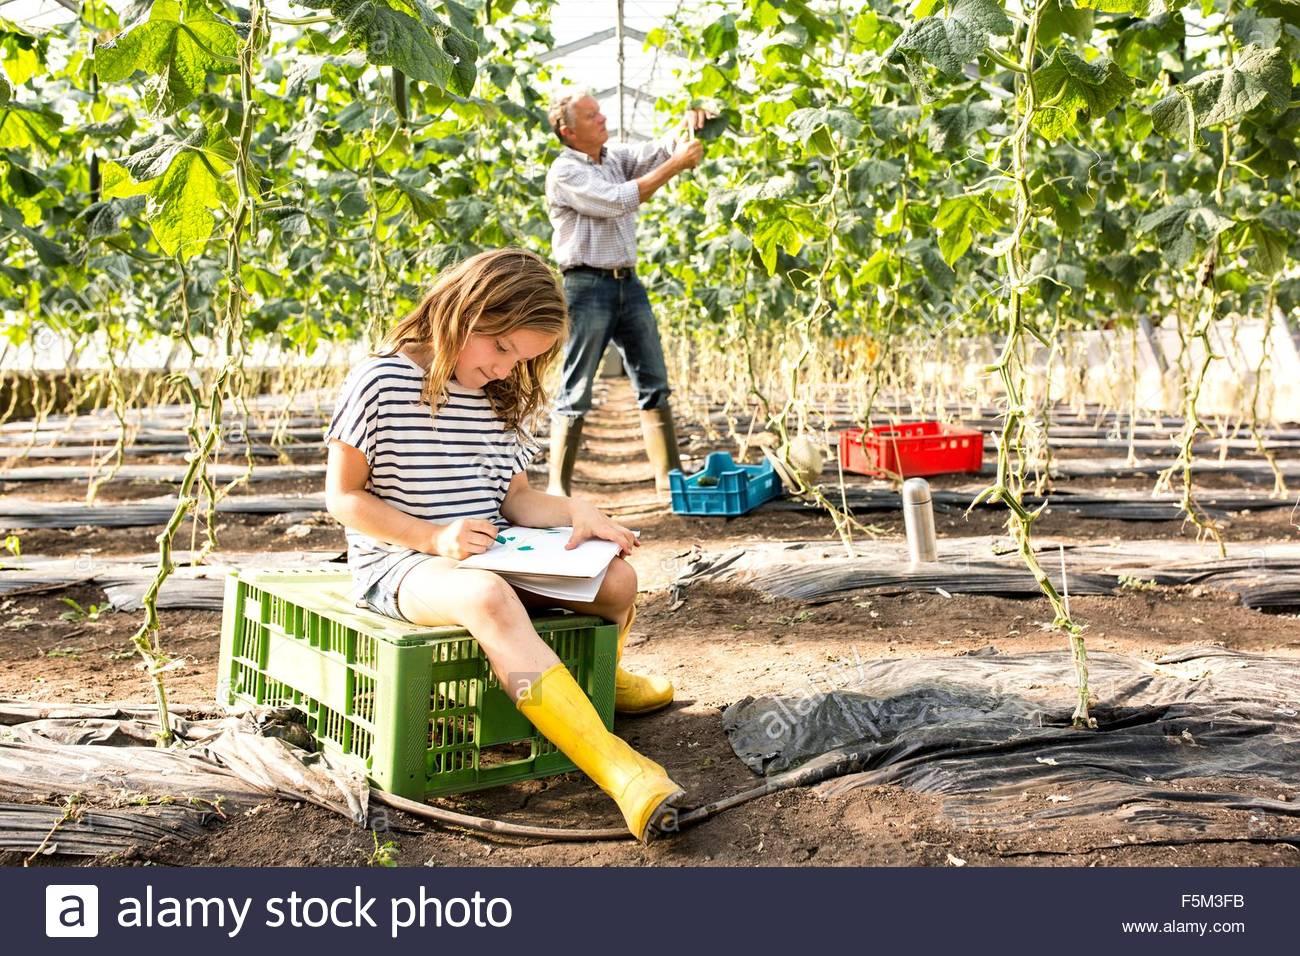 Chica sentada en jaula en invernadero dibujo mientras abuelo funciona detrás Imagen De Stock